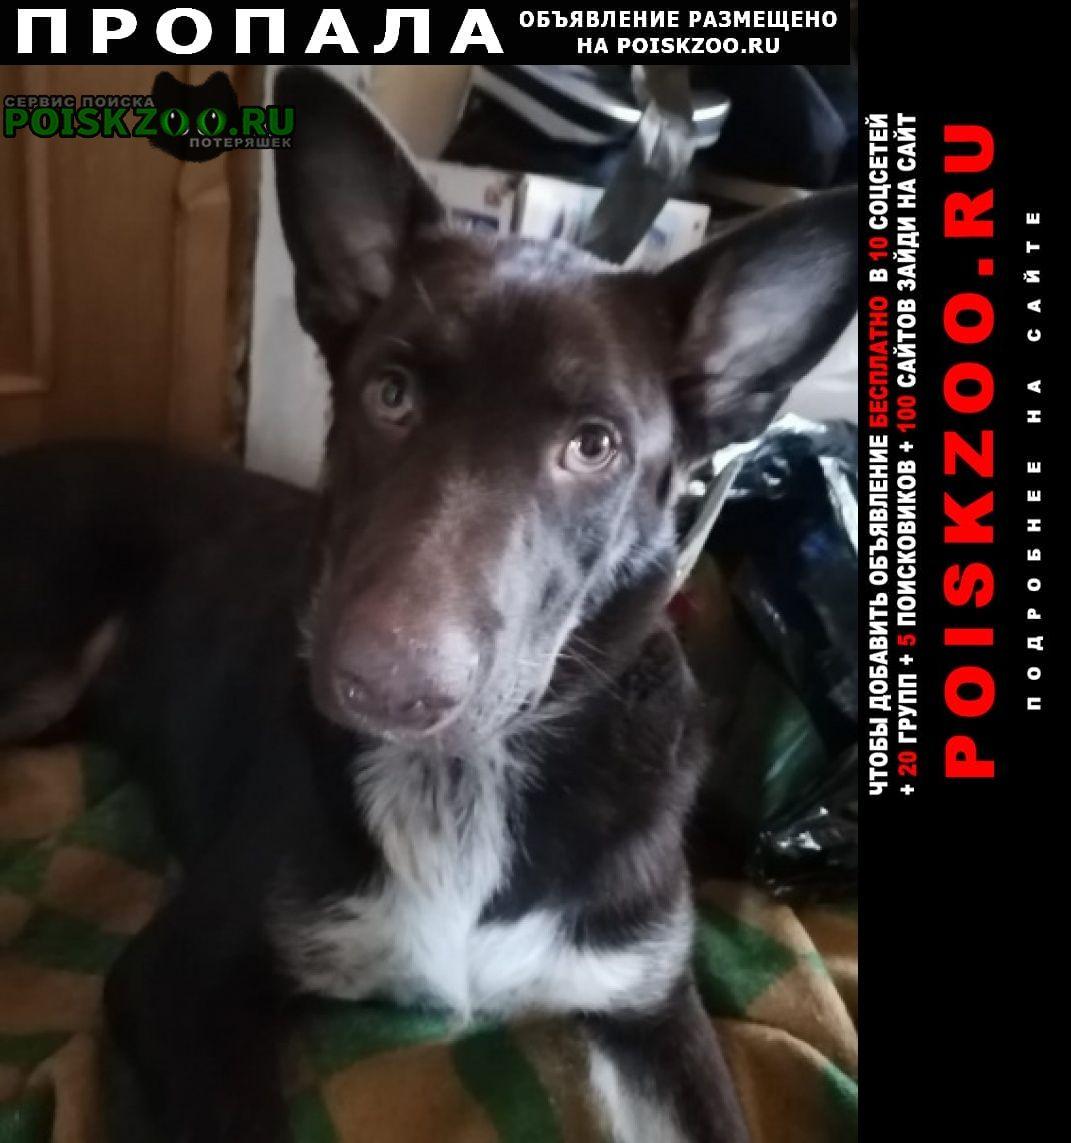 Пропала собака кобель помогите пёс джек Южно-Сахалинск